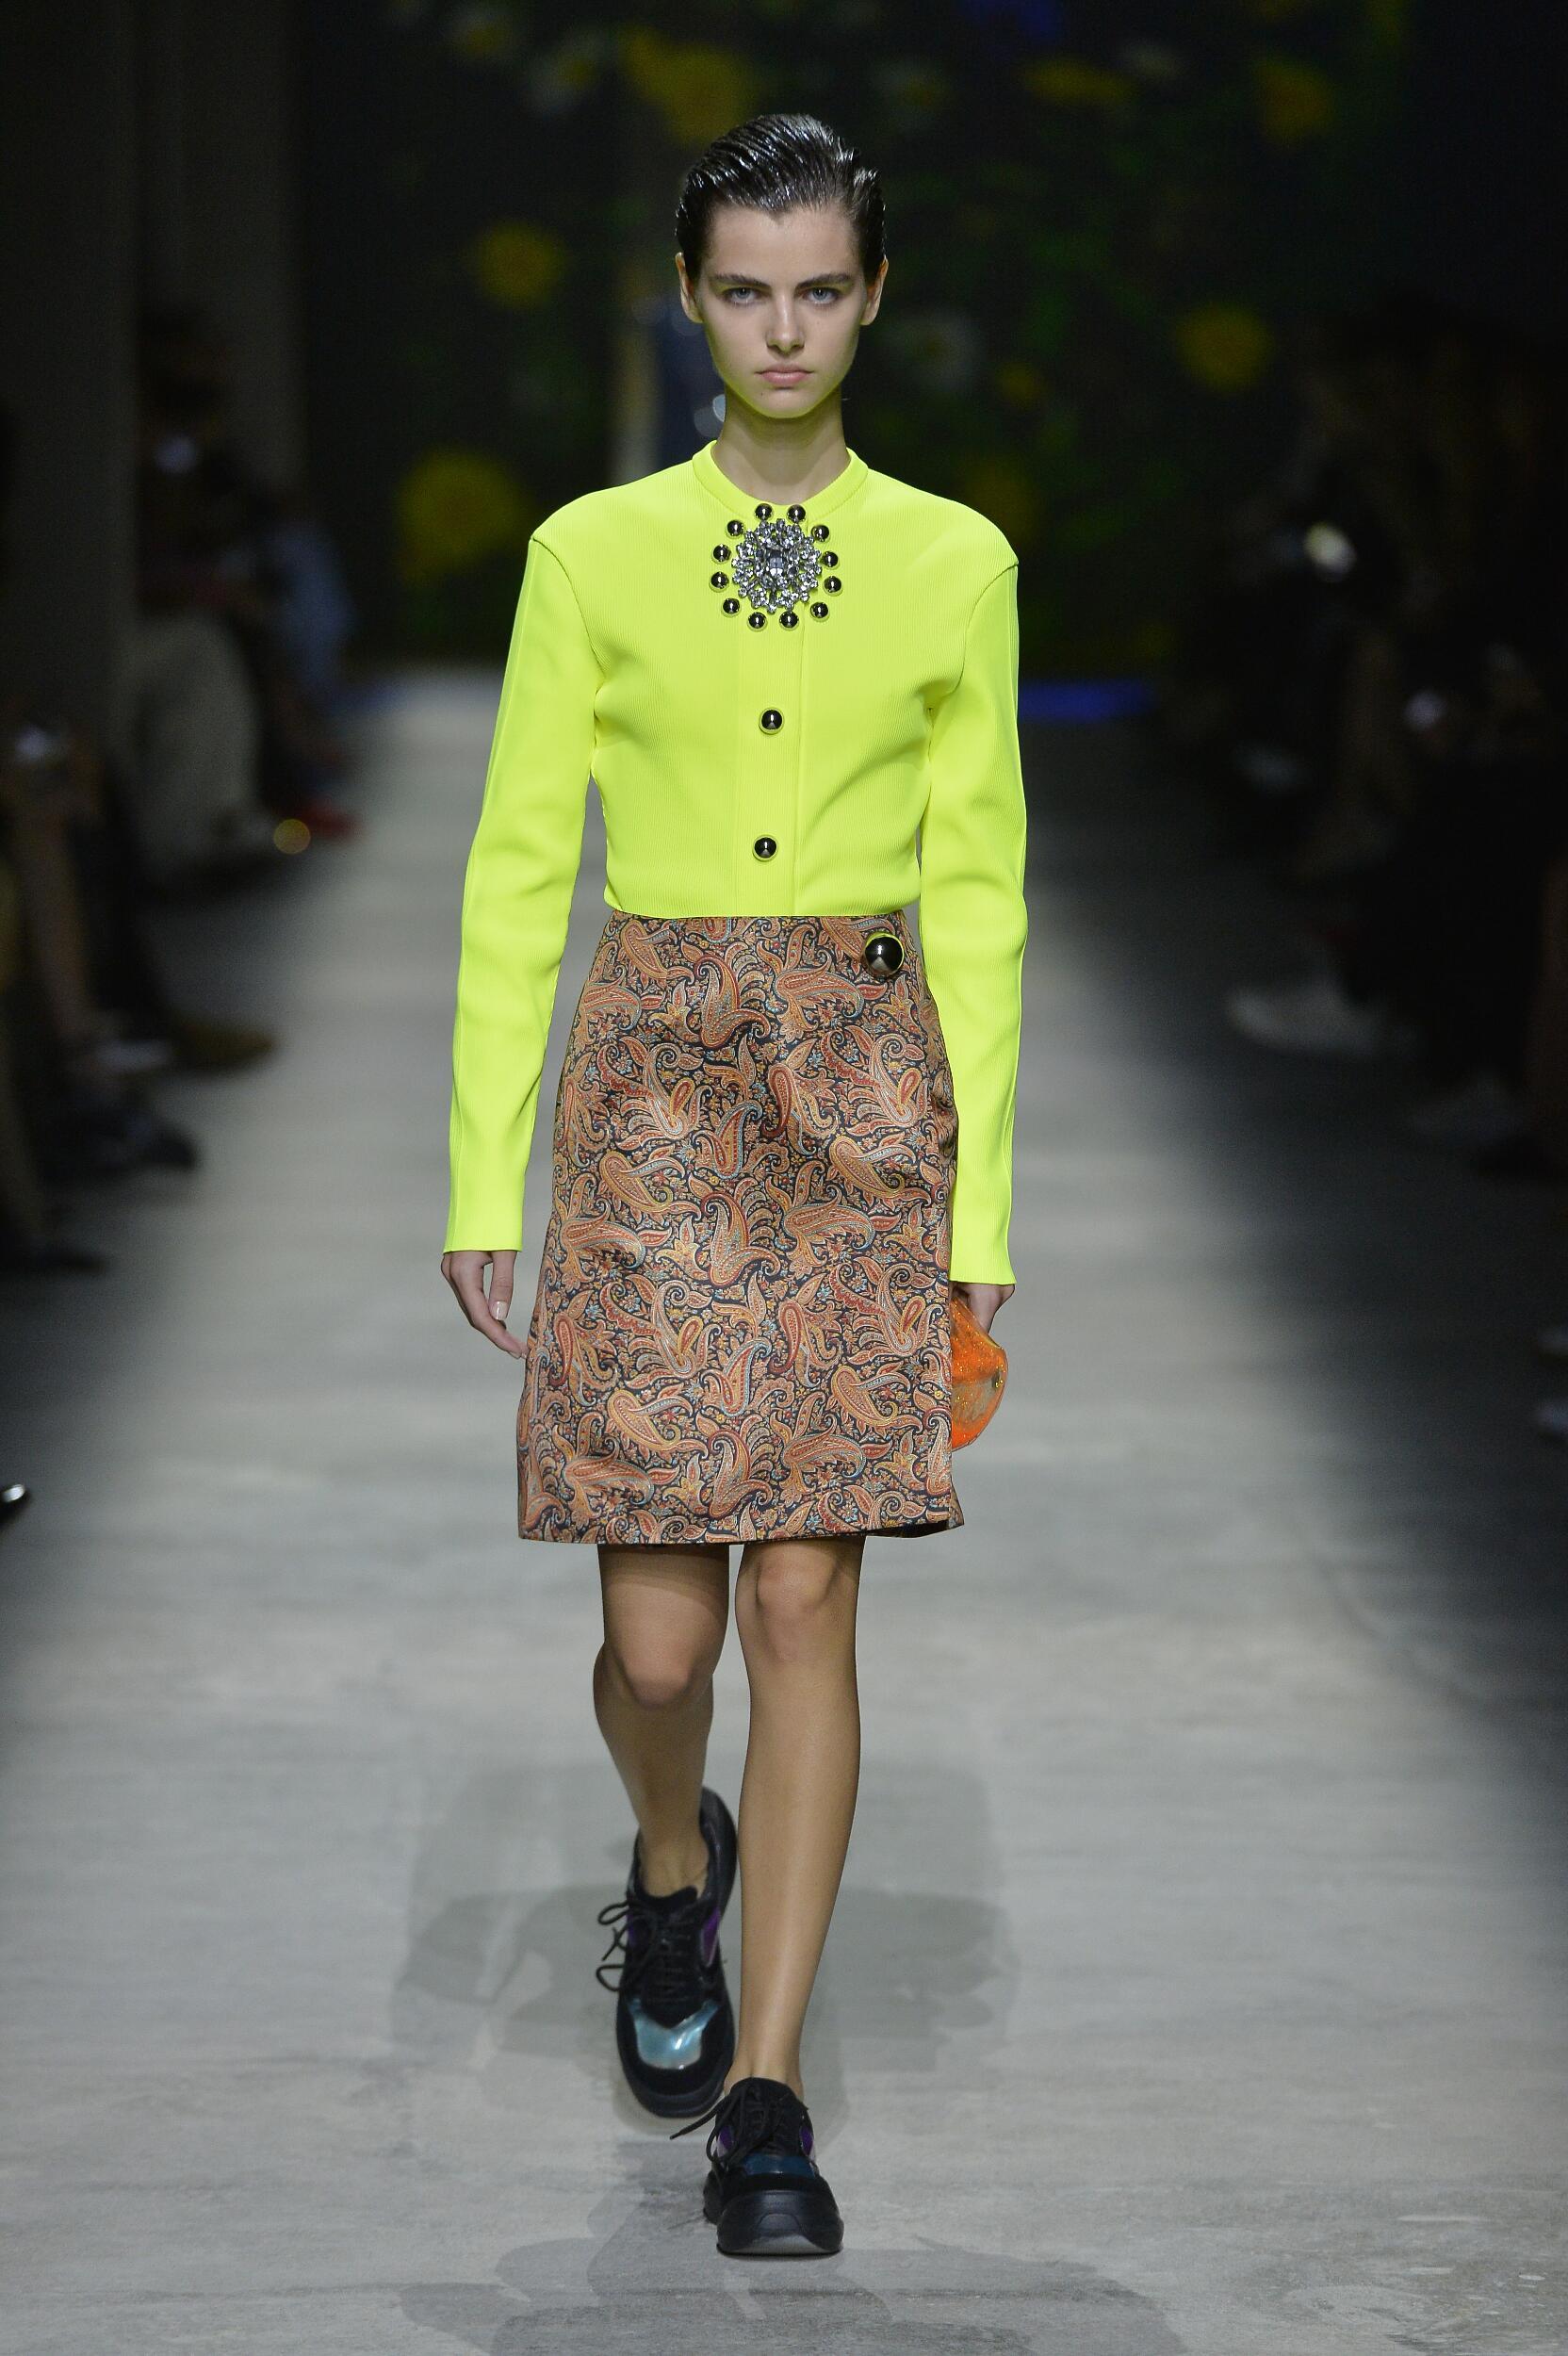 Fashion Model Woman Christopher Kane Catwalk